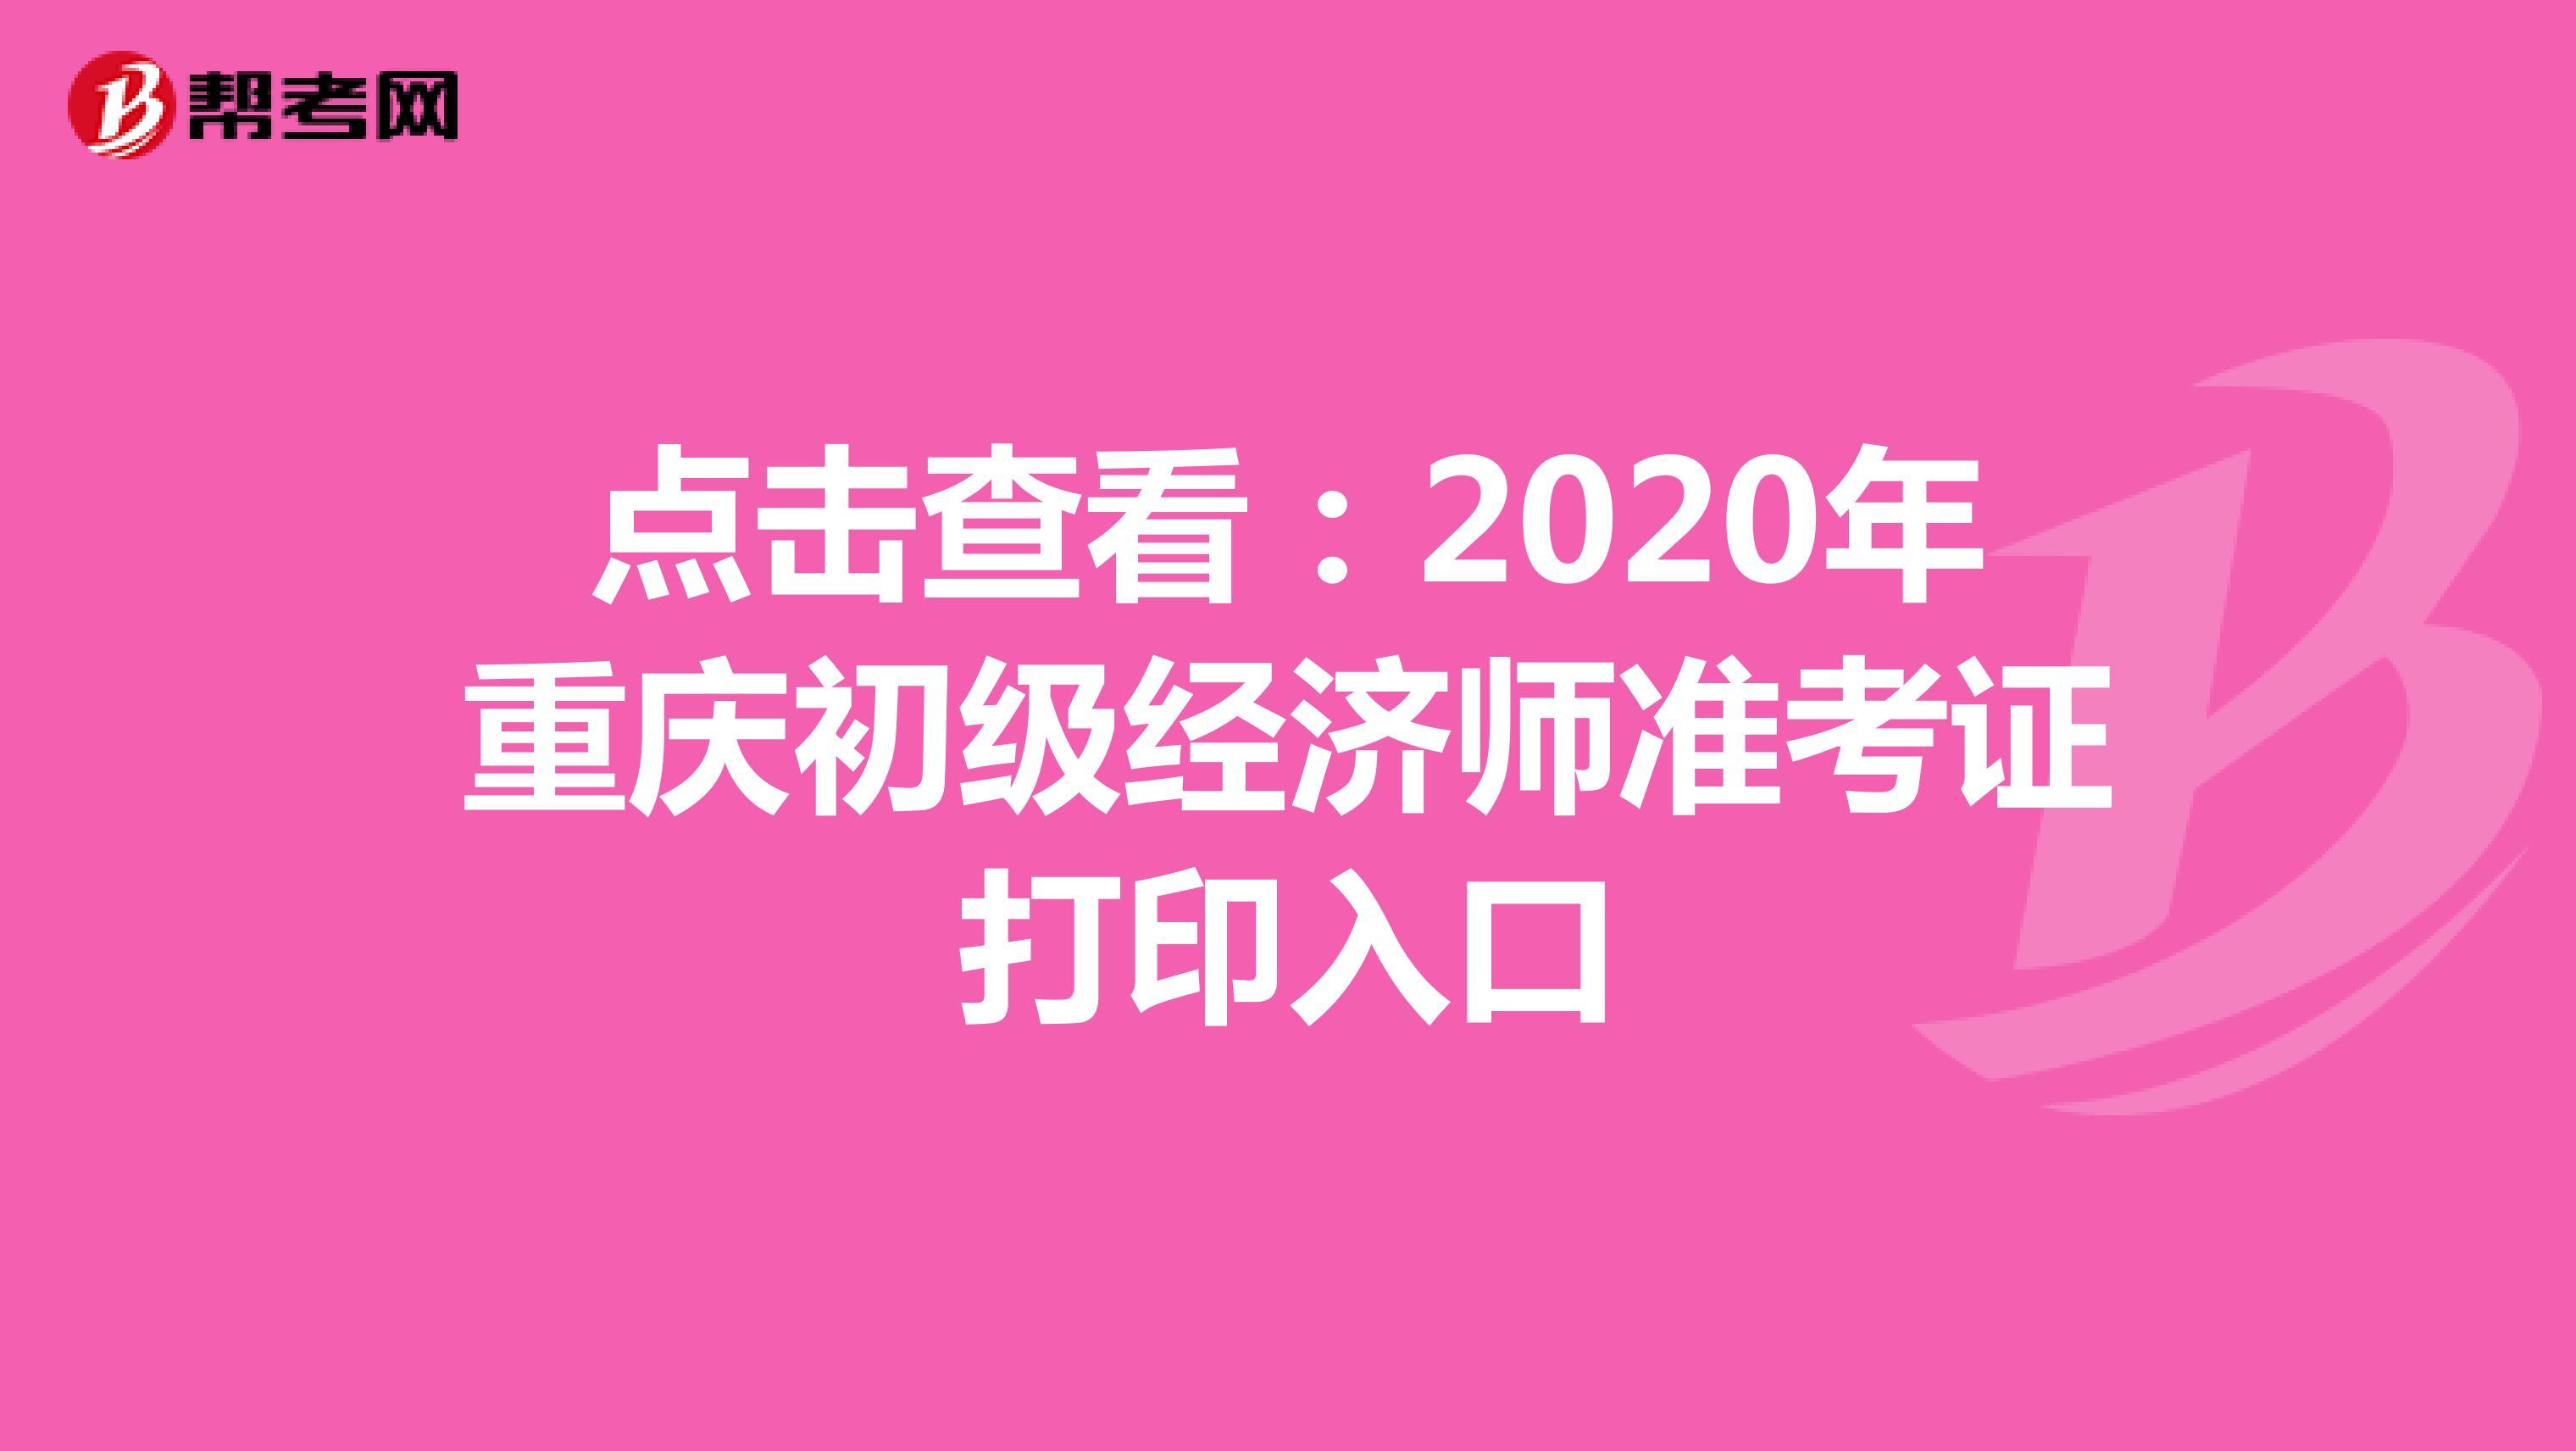 点击查看:2020年重庆初级经济师准考证打印入口